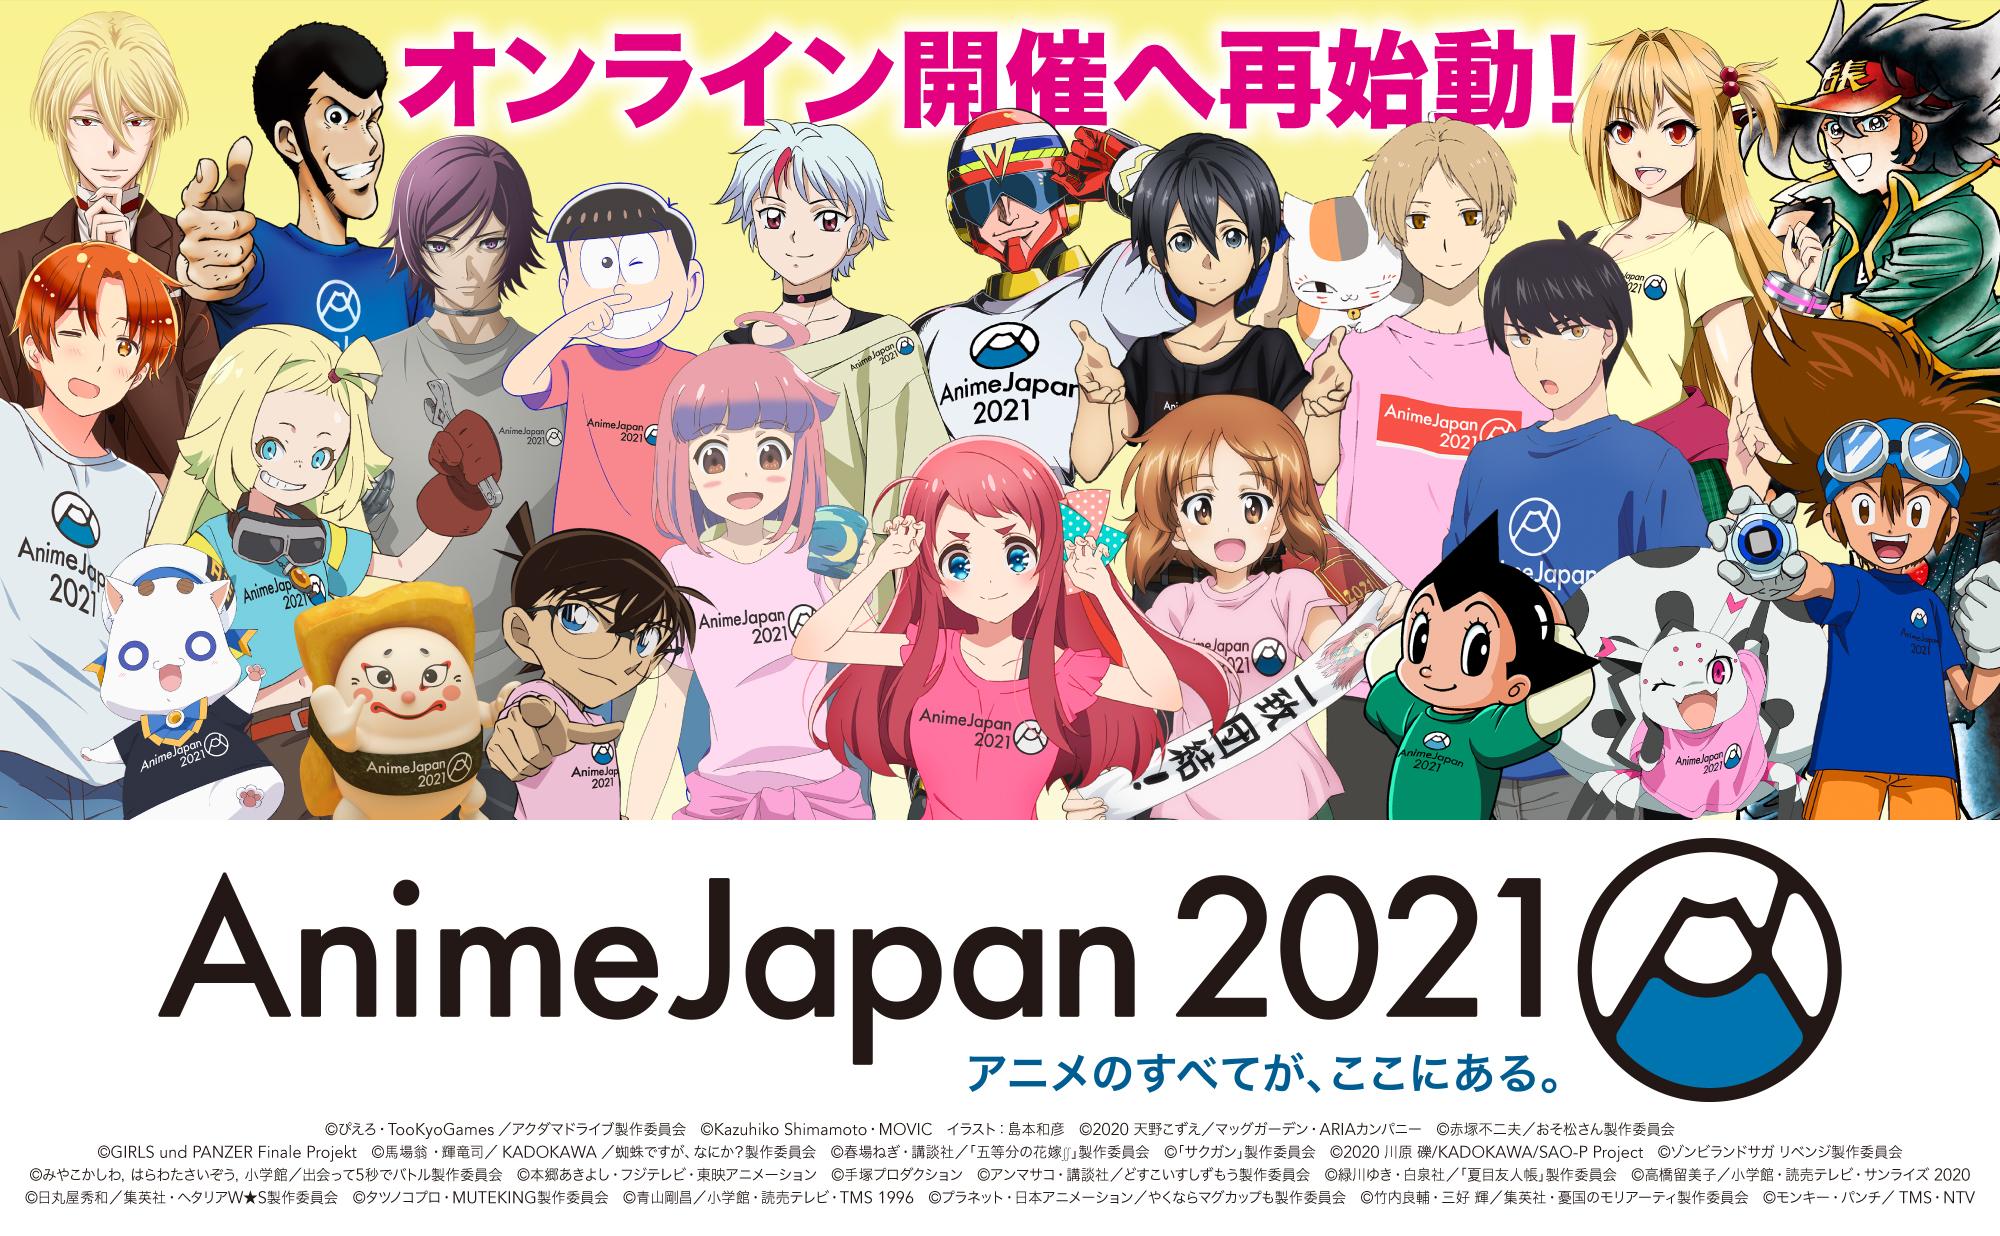 animejapan2021_keyart_february18_2021.jpg